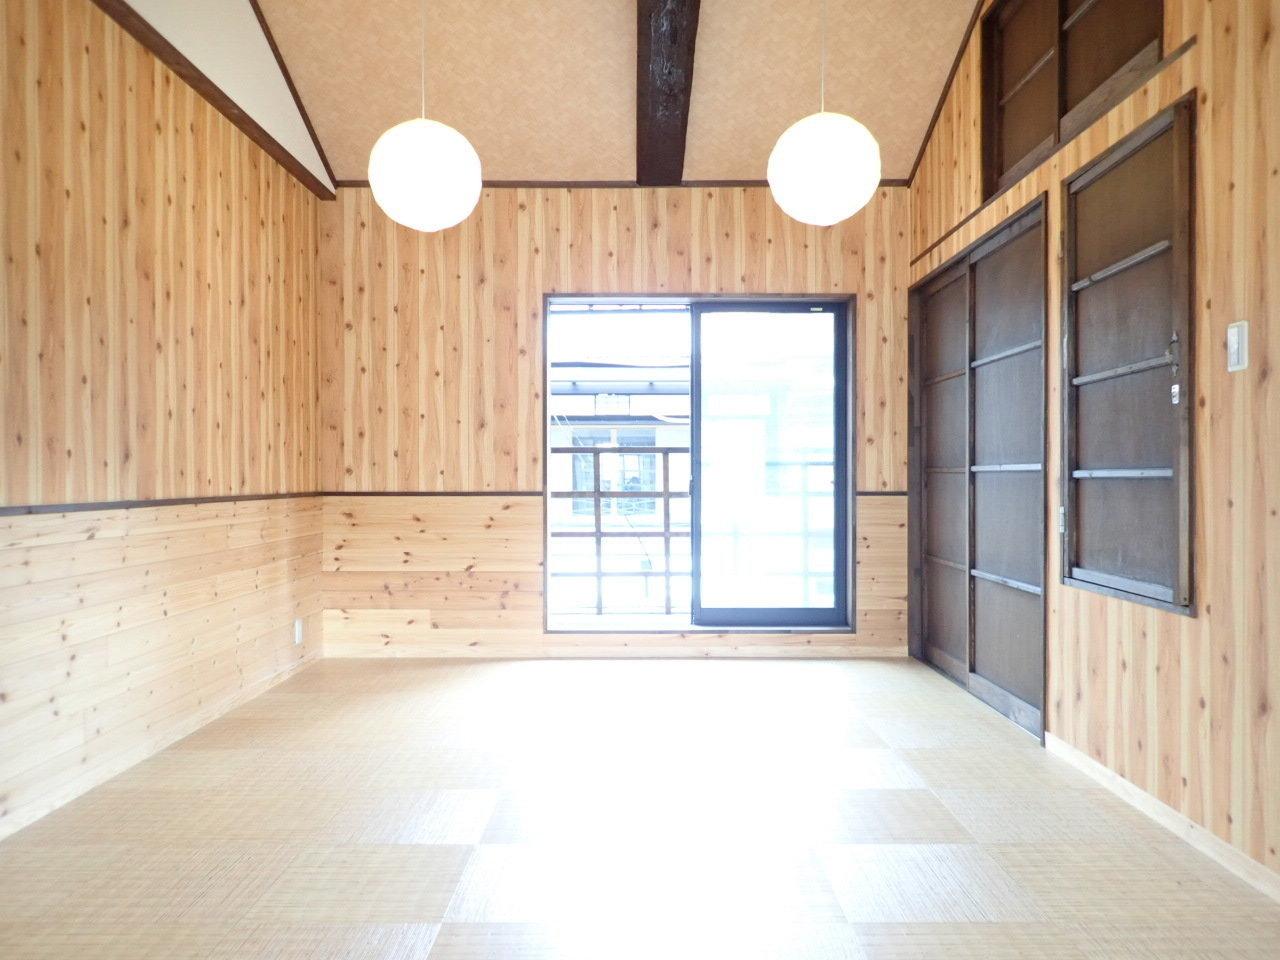 2階だけで10畳もある和室のお部屋。ベッドを置いてもいいし、布団でもいい。ゆったり旅館のようにくつろぐ部屋にしましょう。